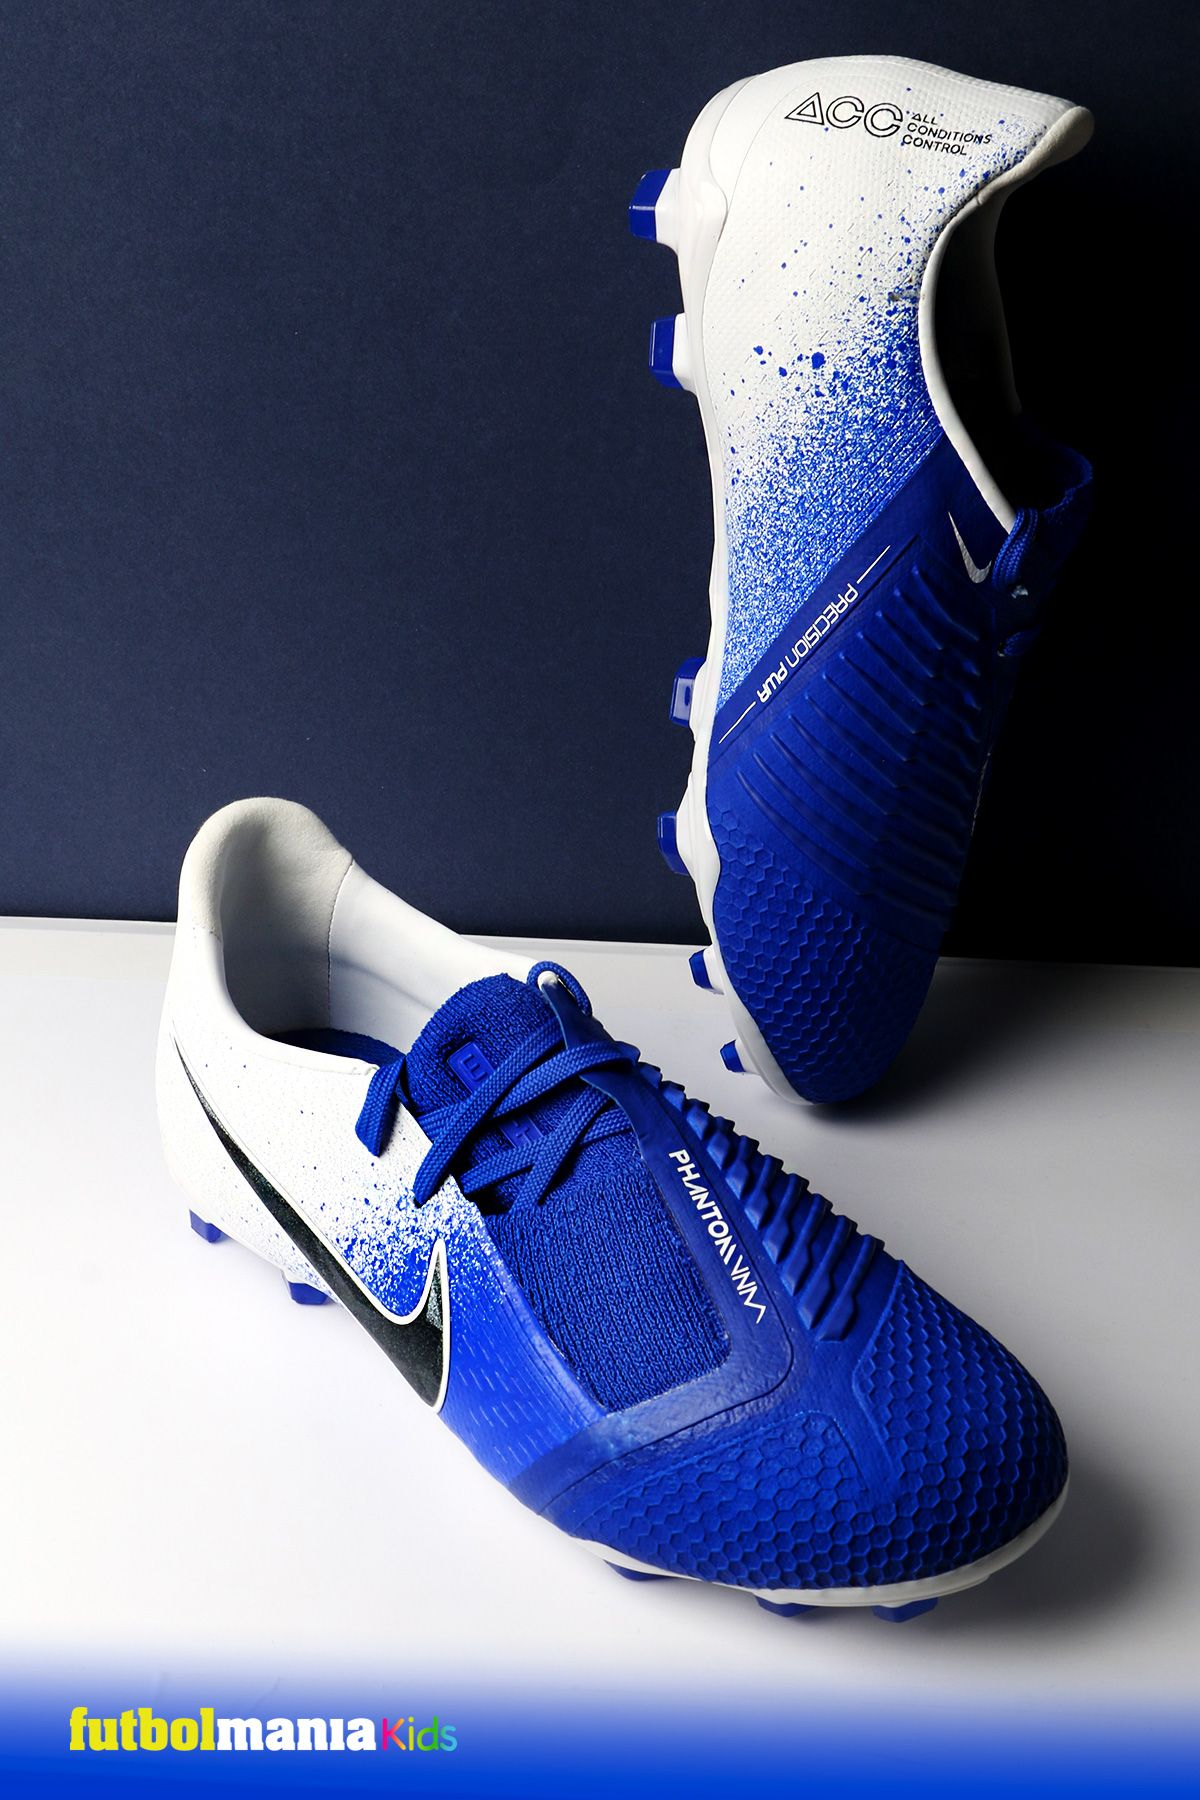 Exclusión Saludar factor  Nike Phantom Venom Niño | Zapatos para jugar futbol, Zapatos de fútbol,  Tacos nike